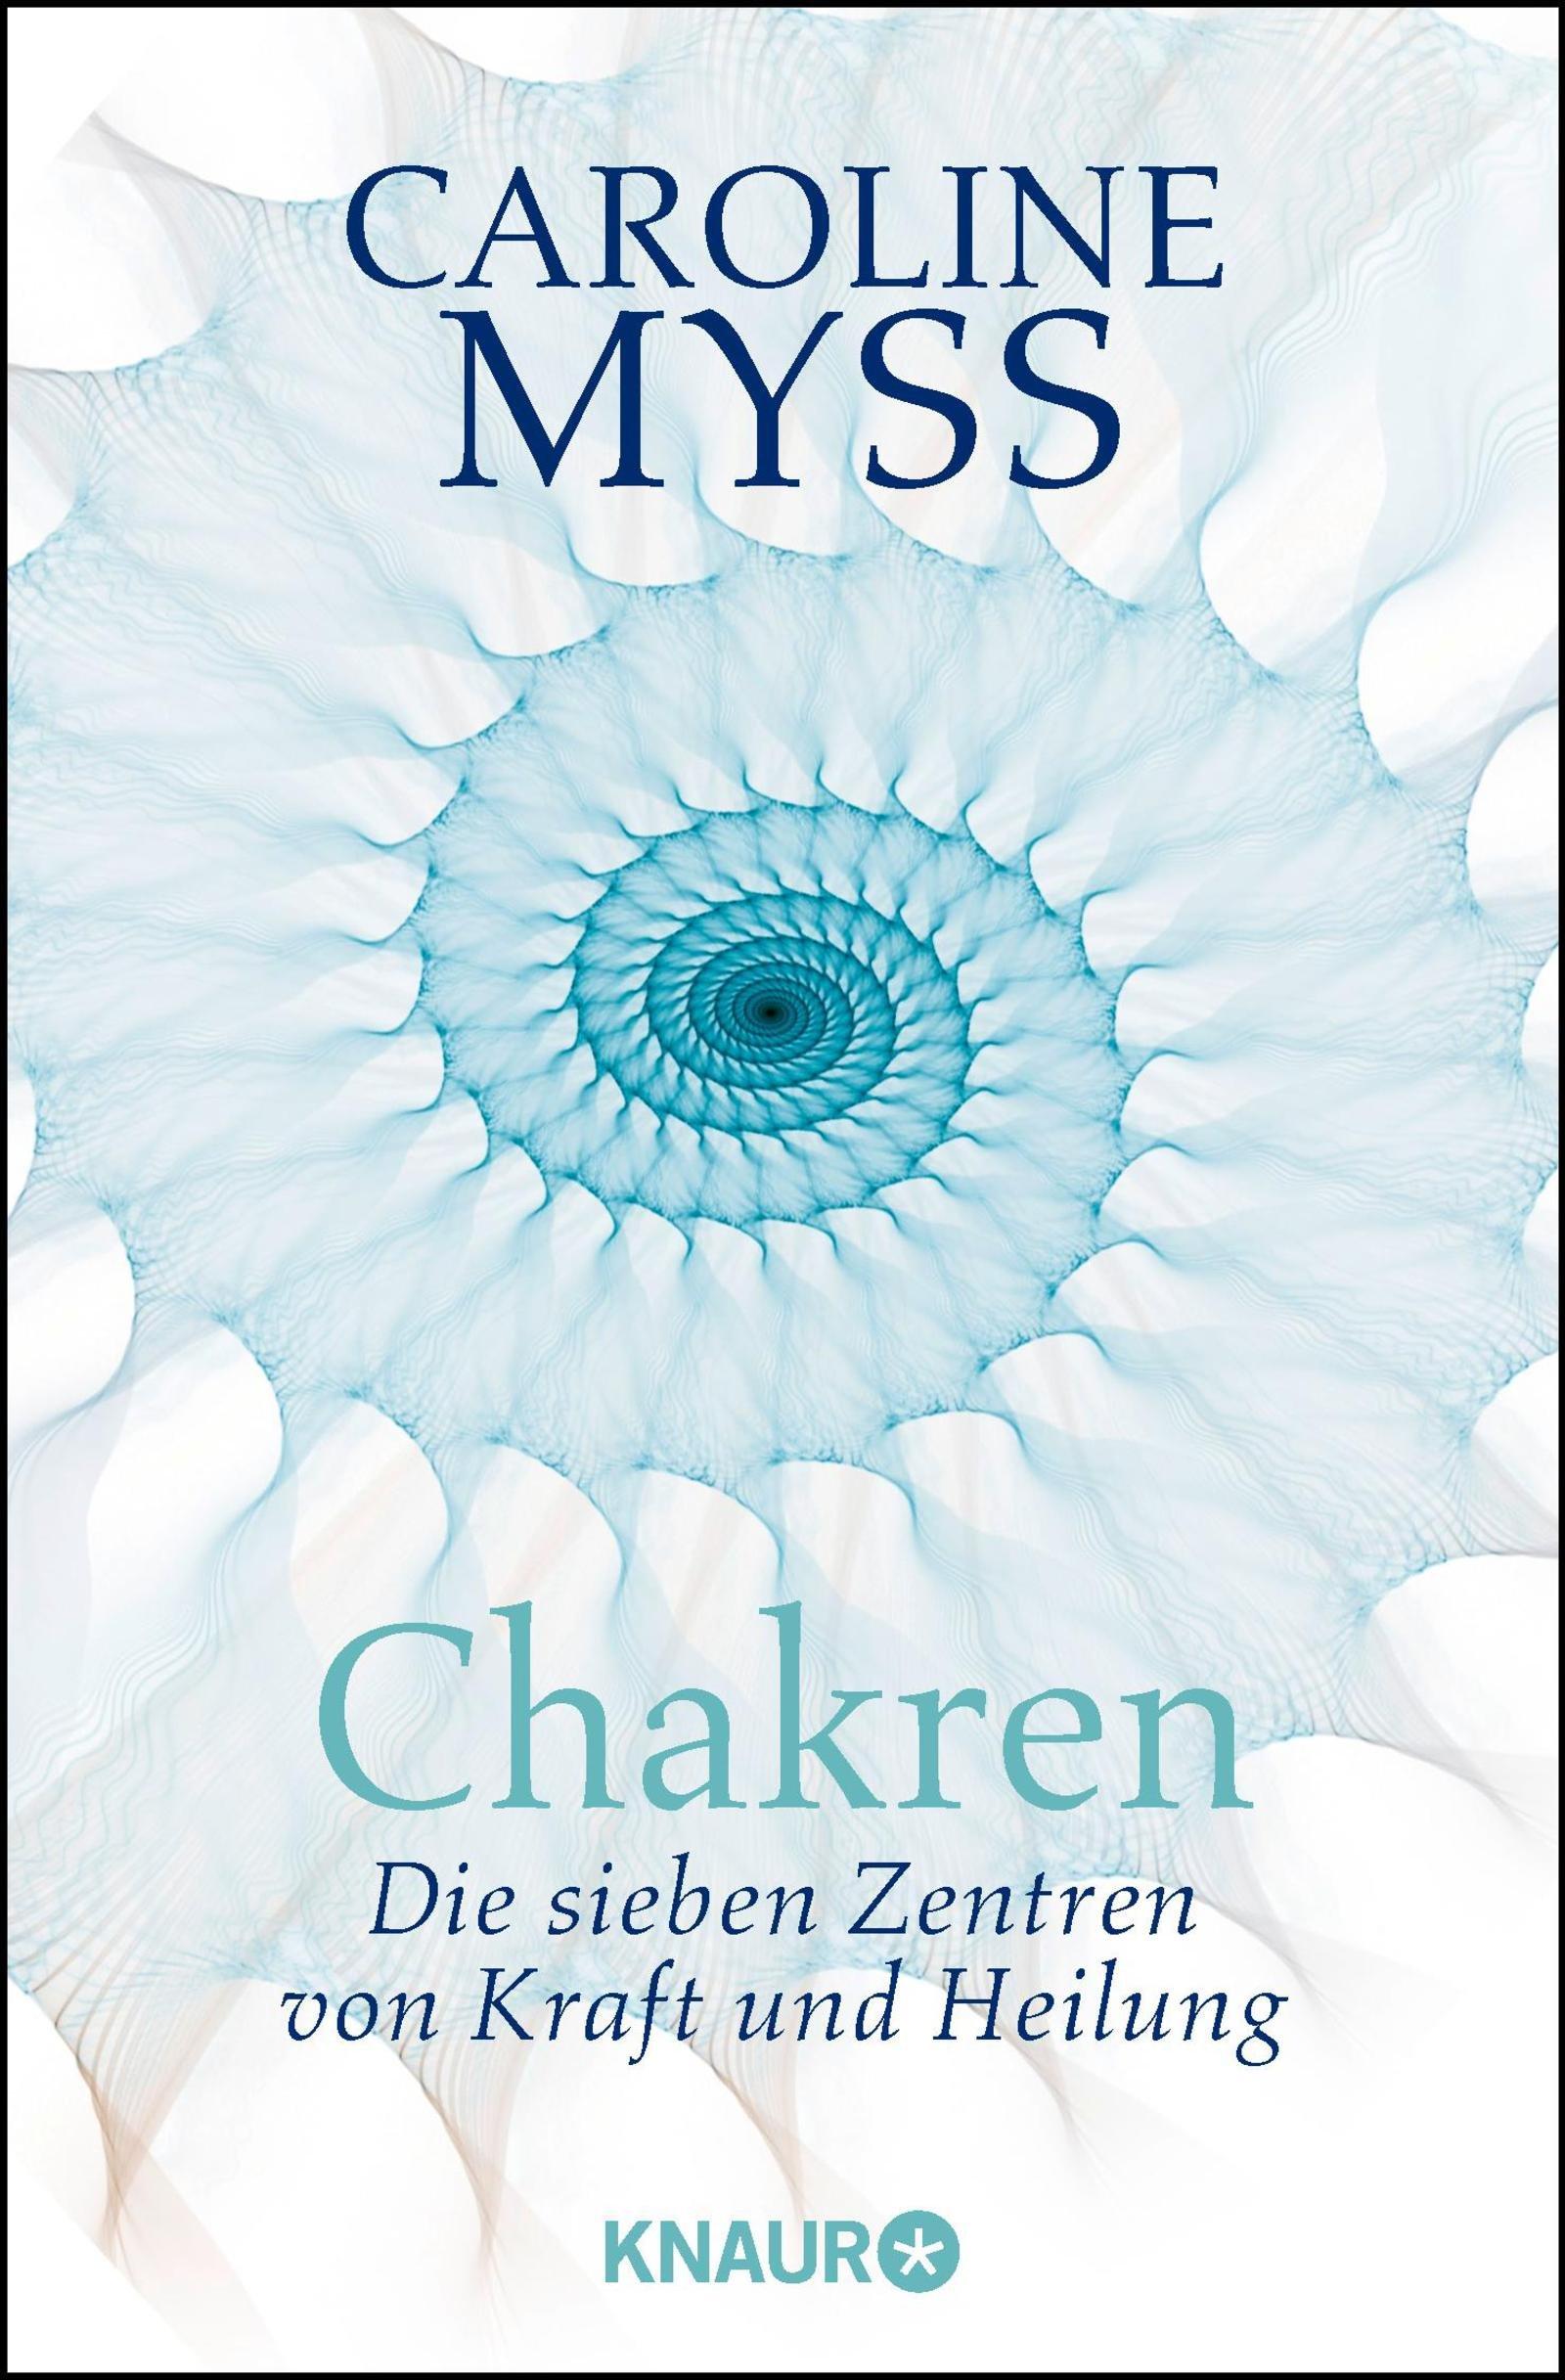 Chakren - die sieben Zentren von Kraft und Heilung Taschenbuch – 19. September 2000 Caroline Myss Droemer Knaur 3426870797 Esoterik